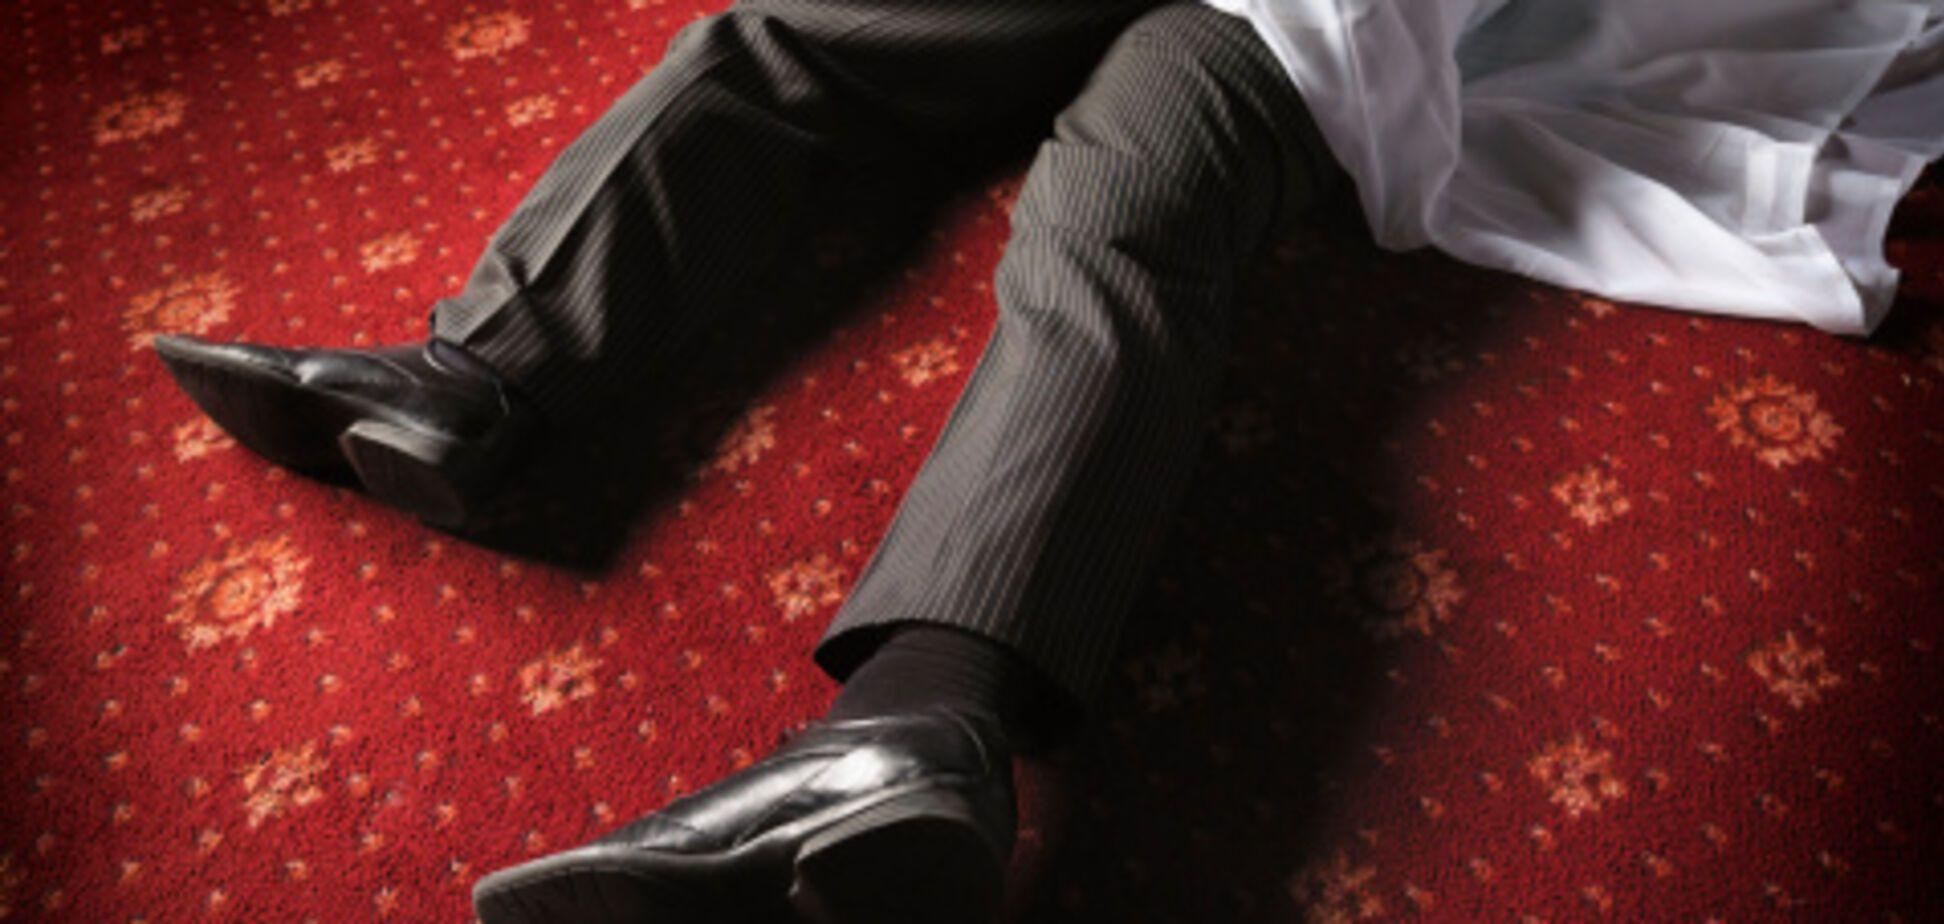 У Черкасах з 'Калашникова' розстріляли депутата